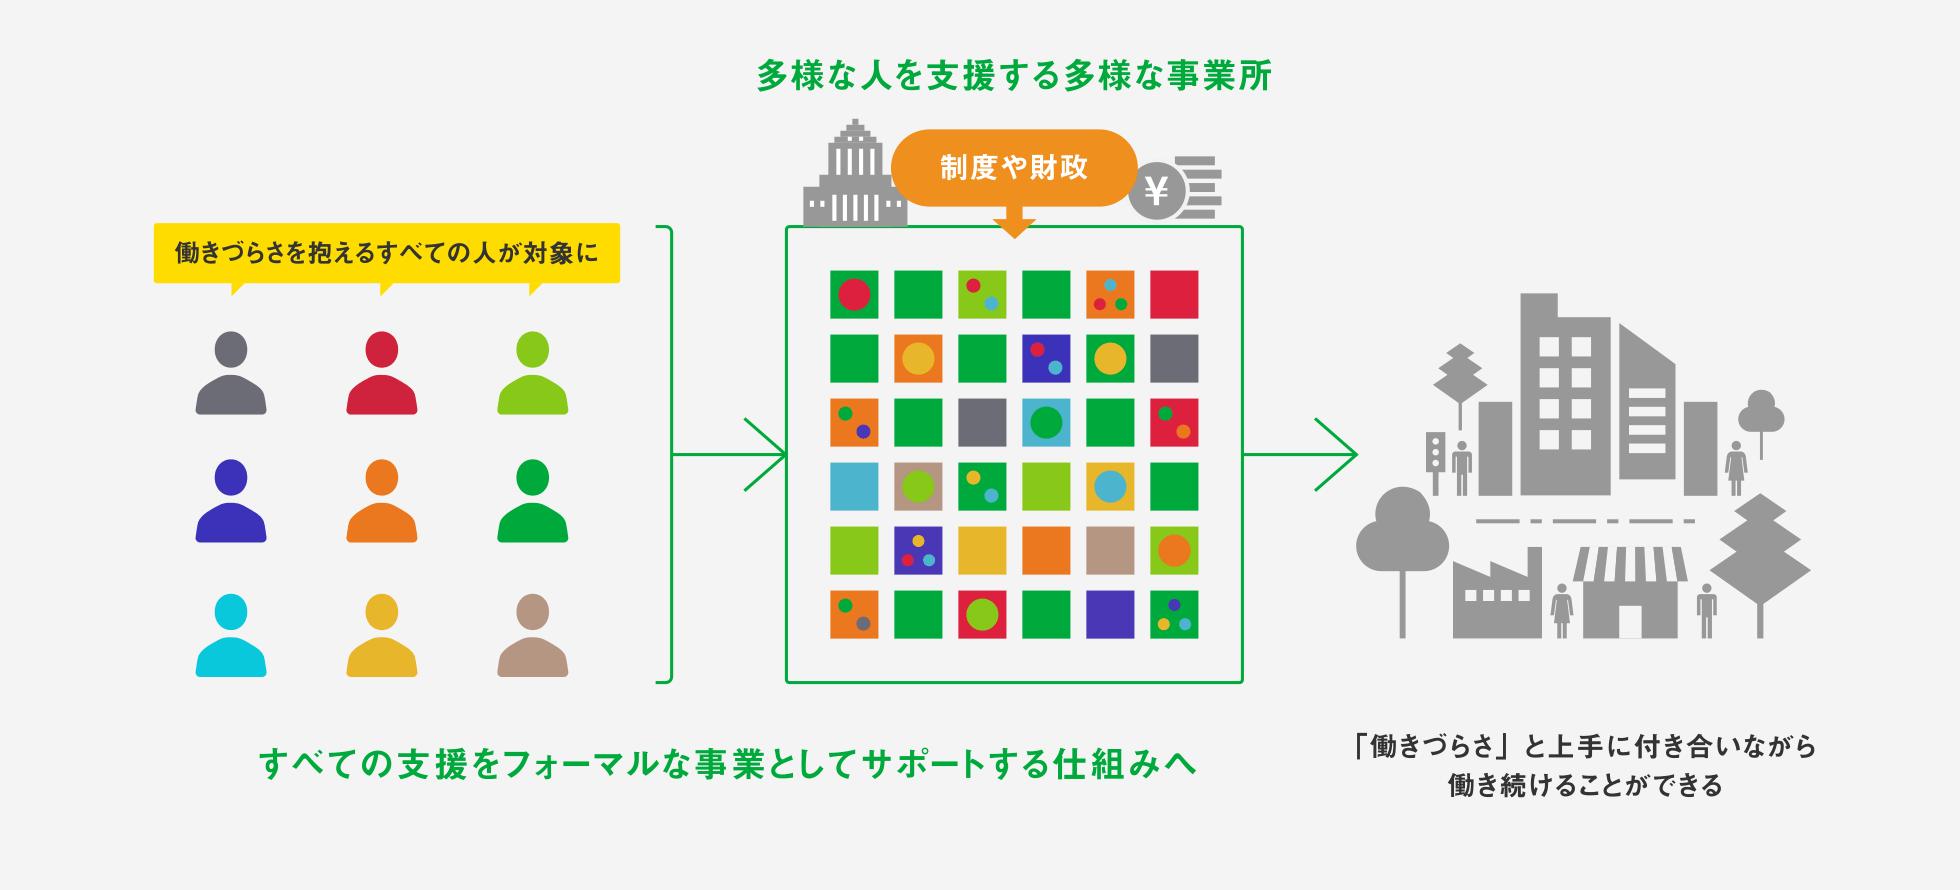 FUTURE|私たちがめざす支援体制 ~NOWを活用・拡張・進化~ の説明図